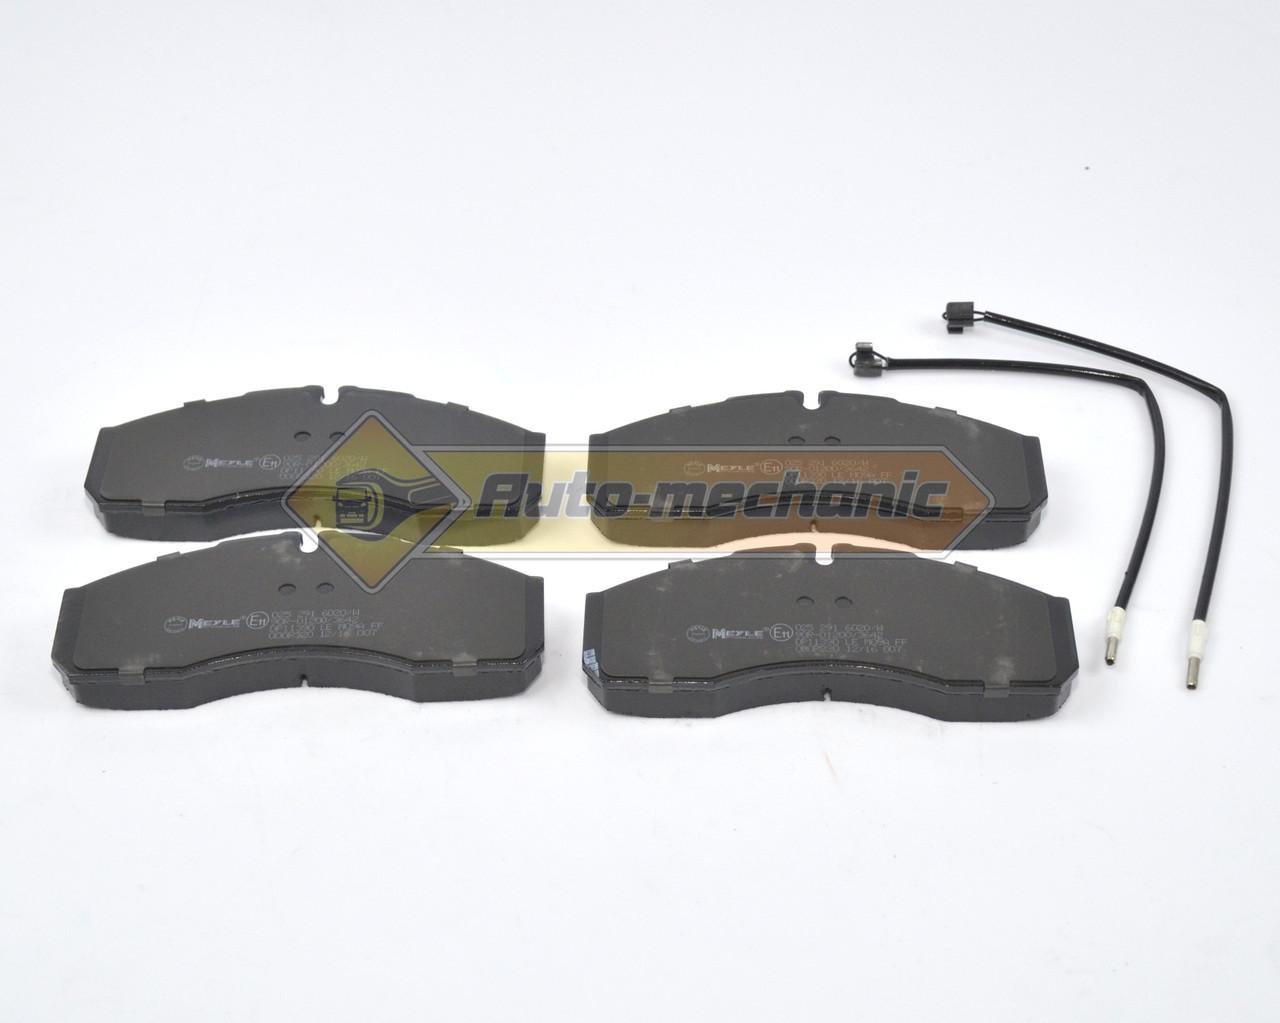 Дискові гальмівні колодки на Renault Mascott 99->2010 (місткість.5500кг->) - т колодок гальмівних передніх (Німеччина)- 0252916020W